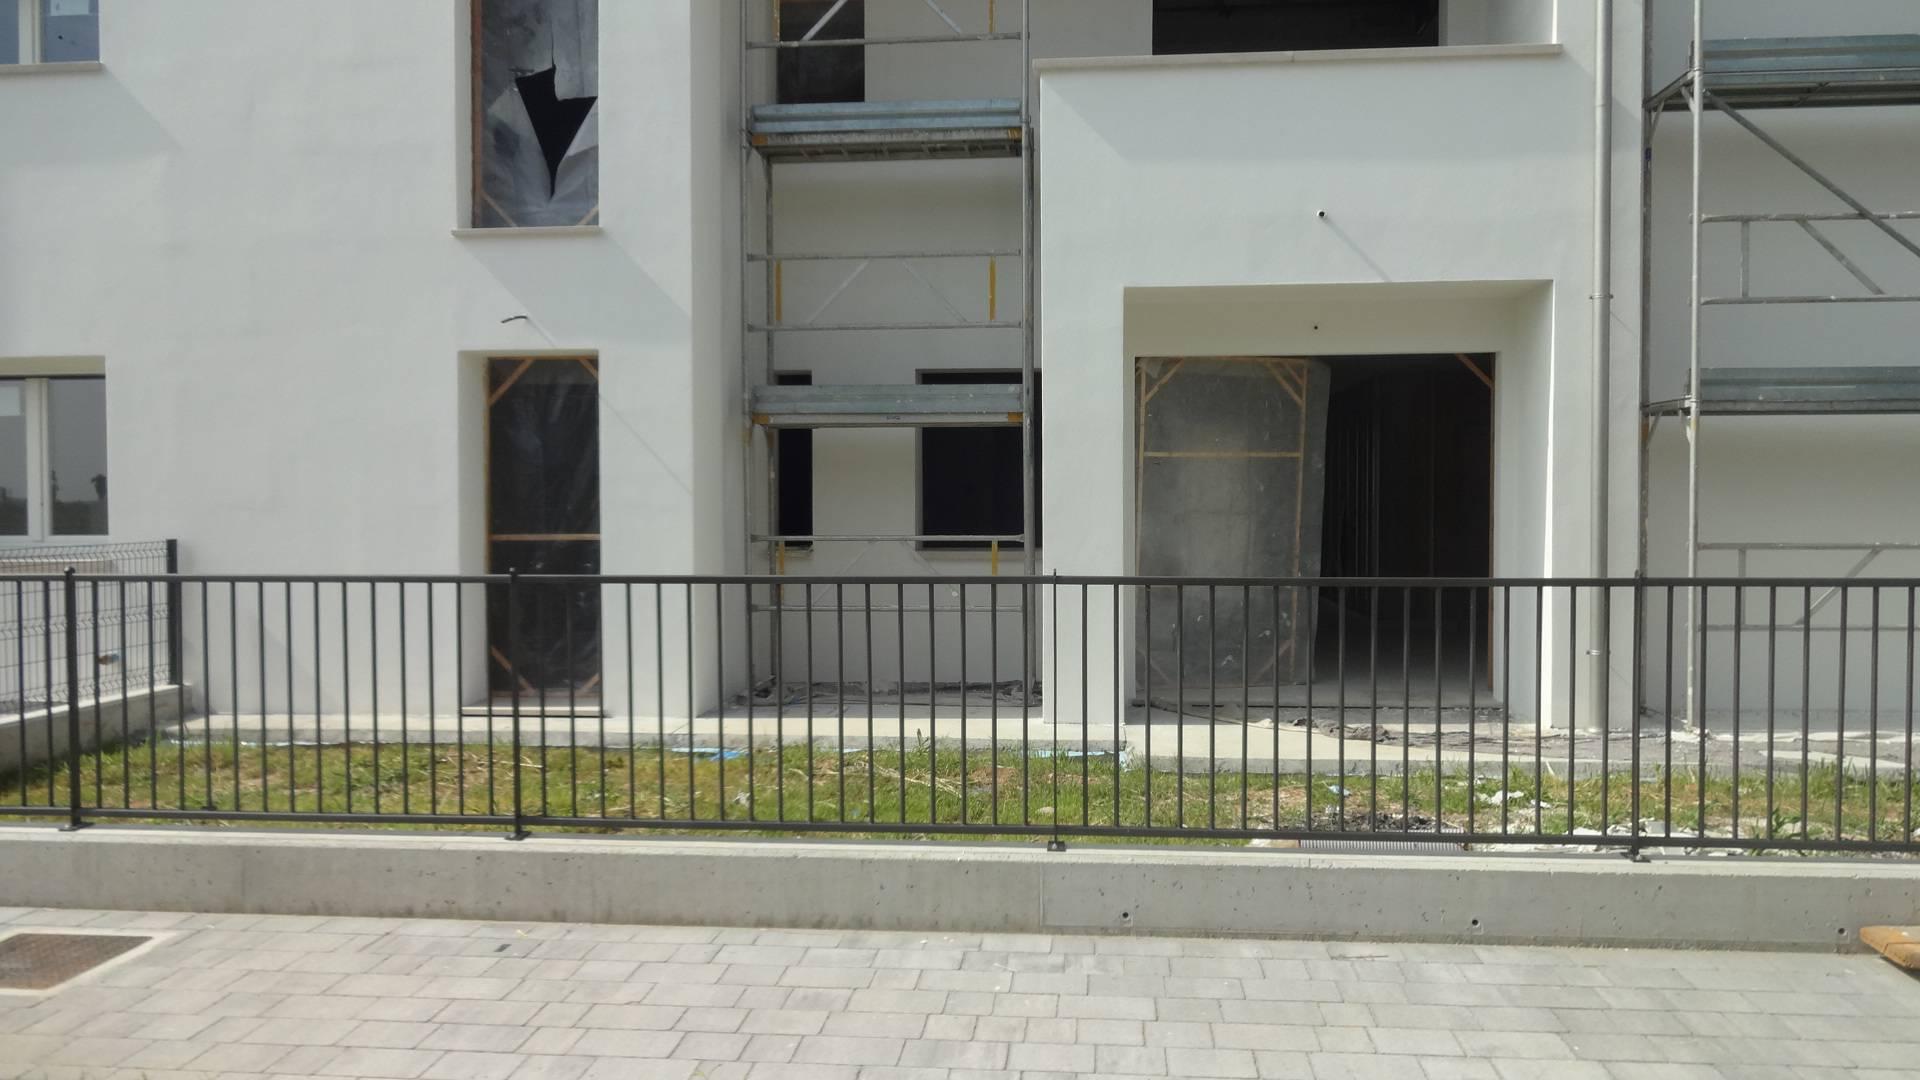 Appartamento in vendita a Montebelluna, 4 locali, zona Località: LaPieve, prezzo € 310.000 | Cambio Casa.it